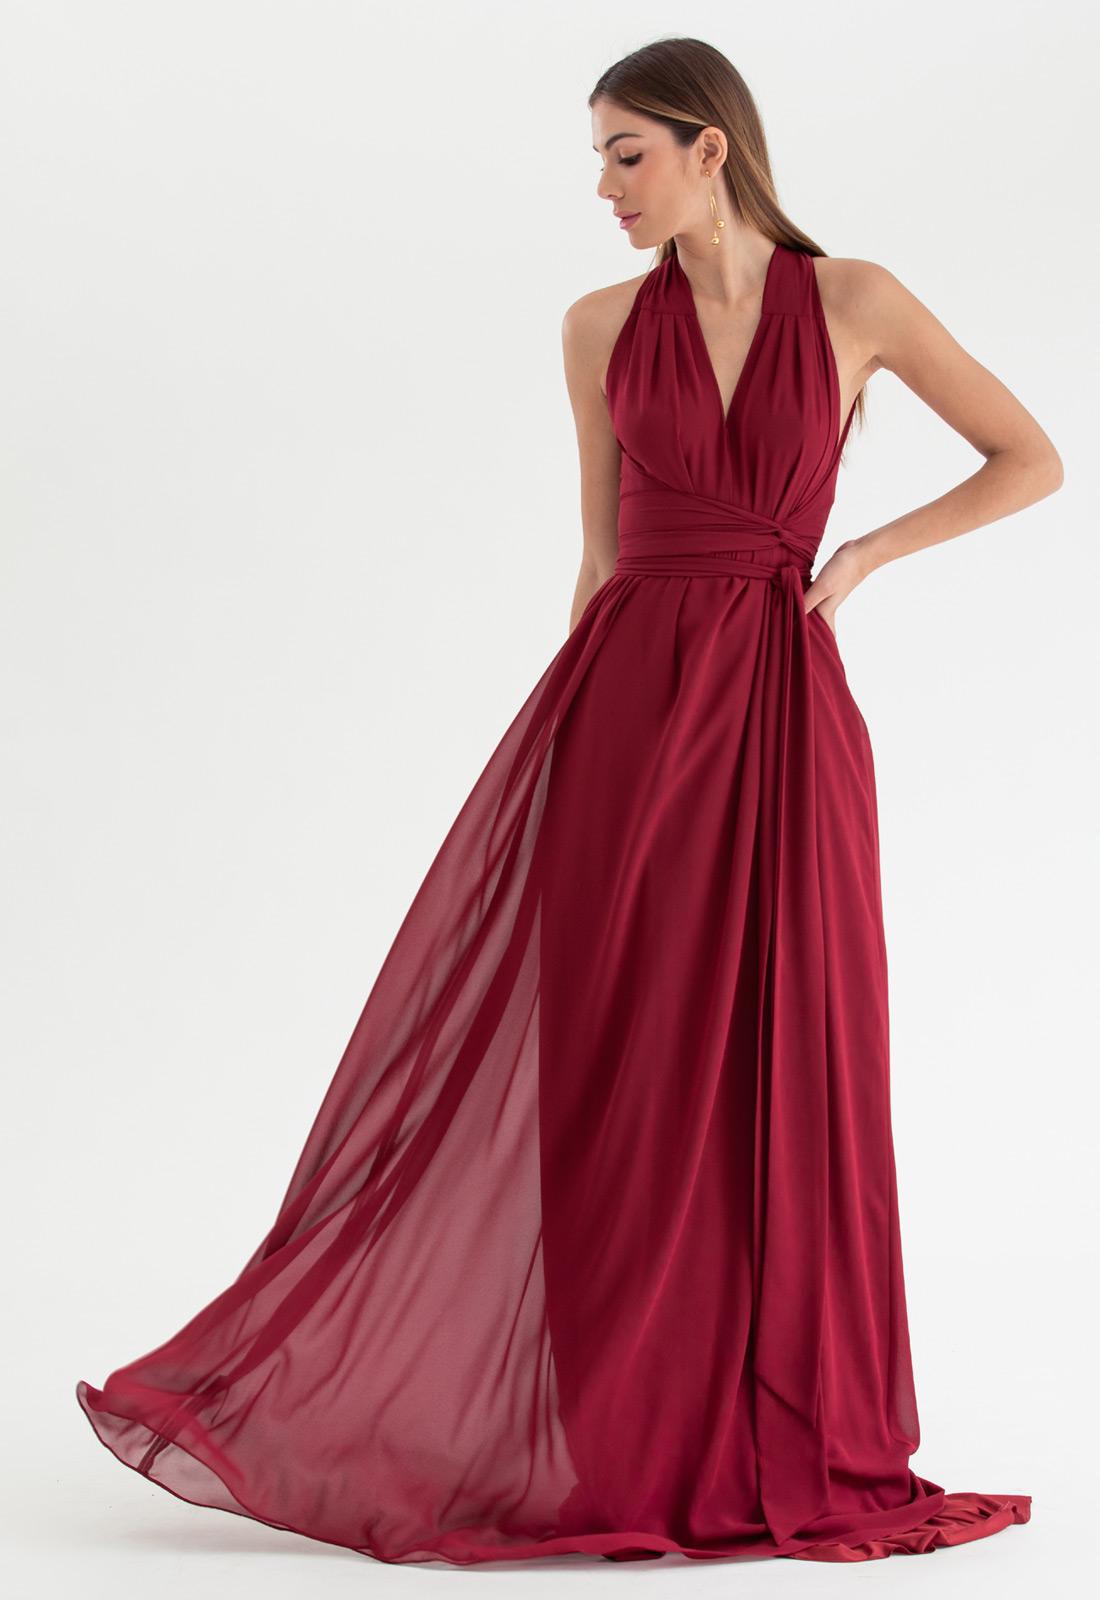 Vestido de festa marsala multi-tamanho Ref. 2580